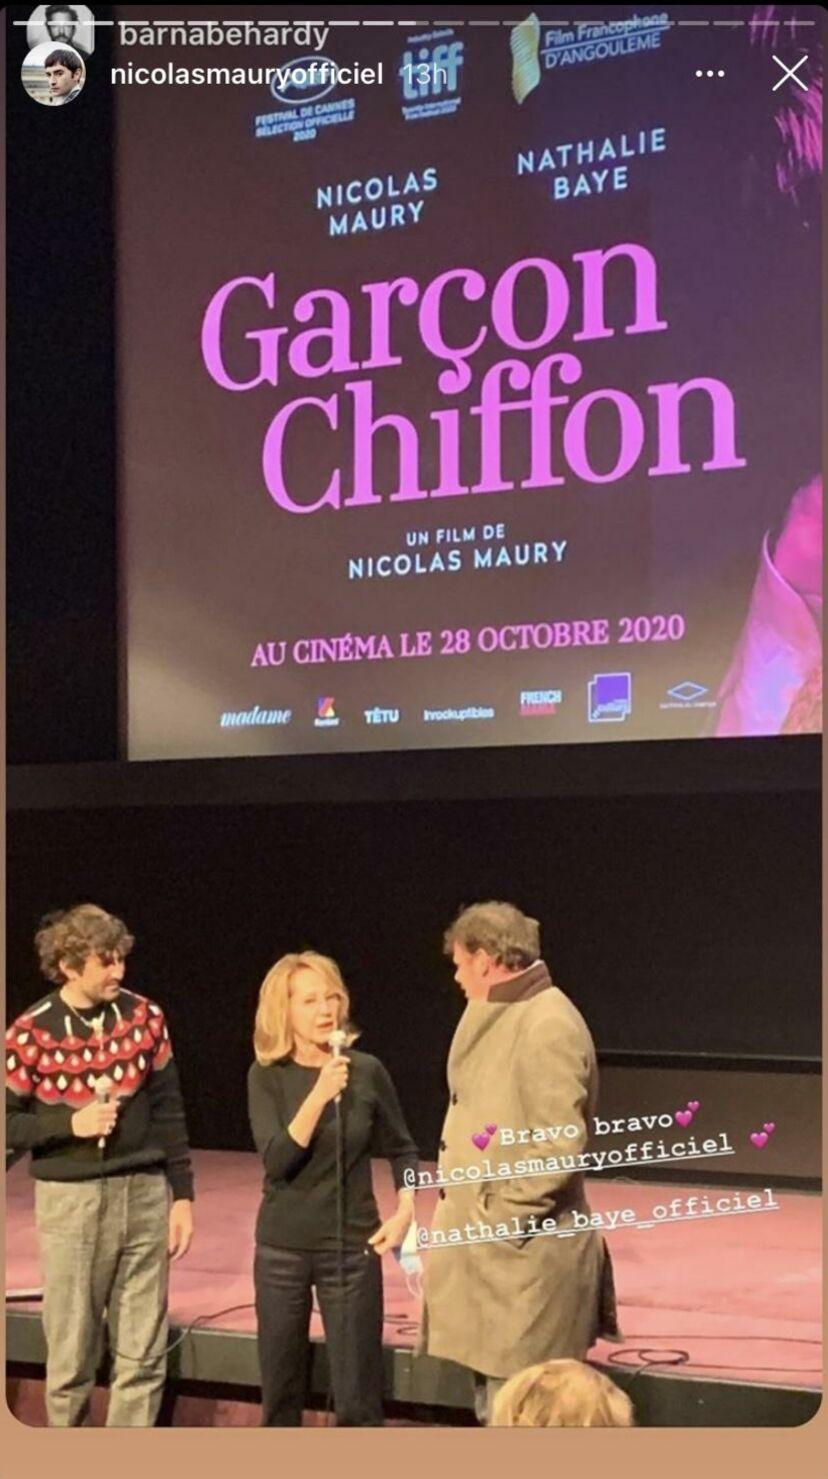 C'est en pleine forme que Nathalie Baye est apparue à la Cinémathèque ce 19 octobre pour l'avant-première de Garçon chiffon, huit mois après ses soucis de santé